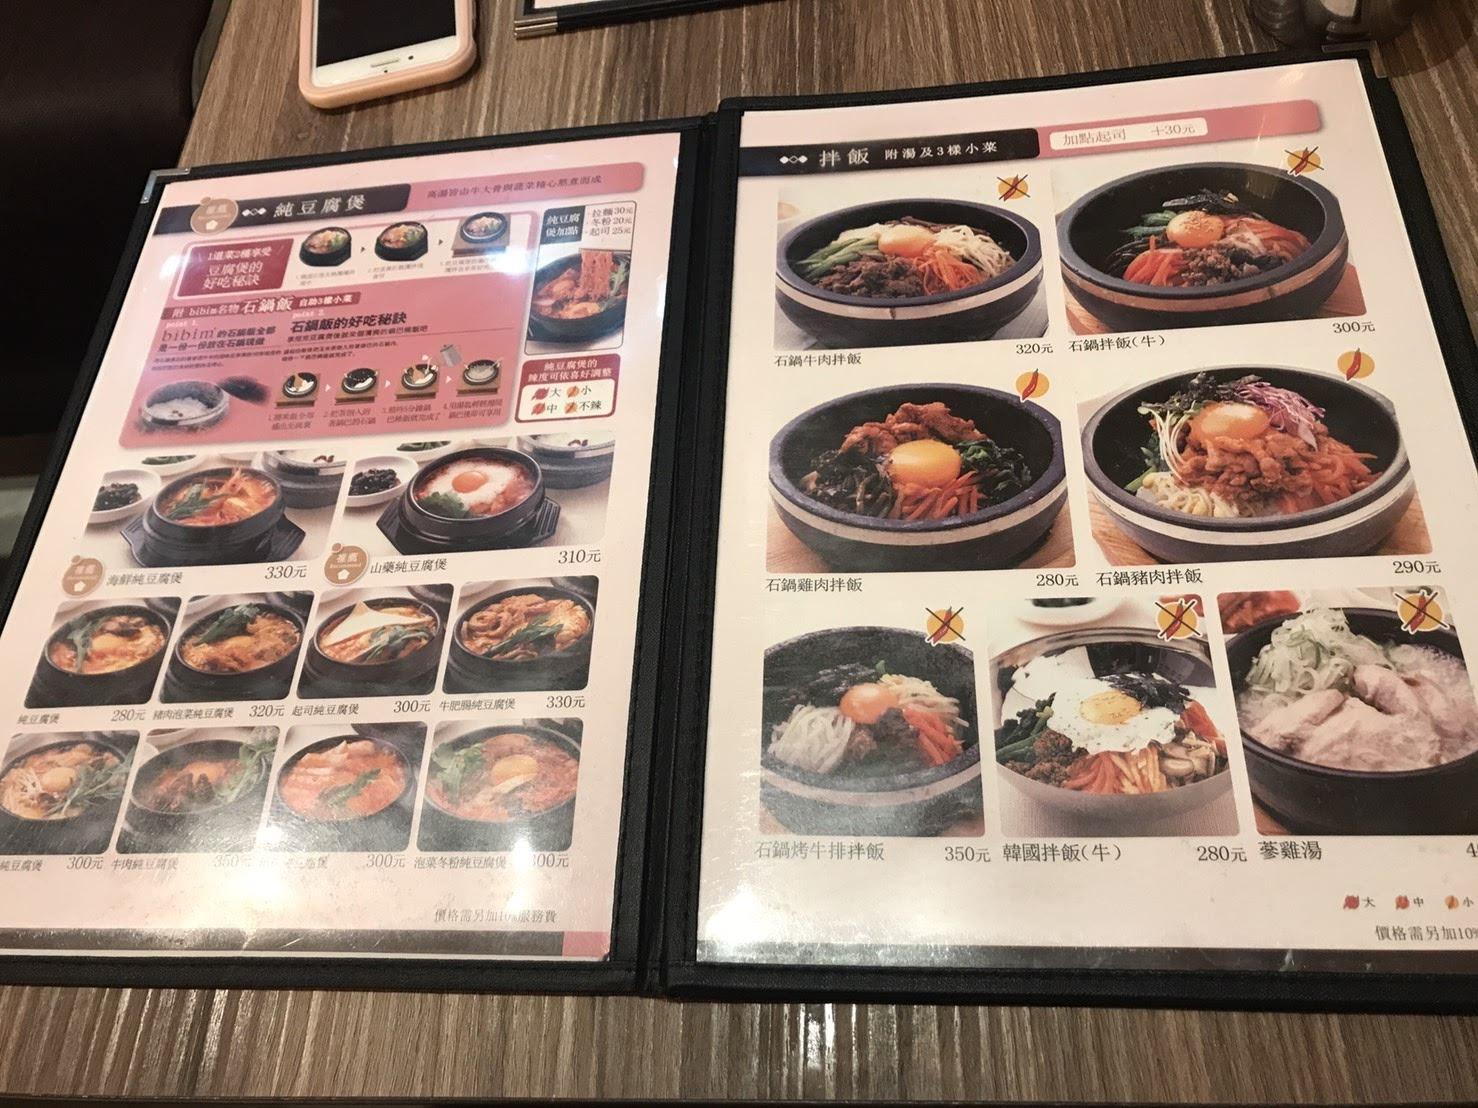 【林口美食】三井OUTLET餐廳- 韓國料理 韓食拌樂 bibim